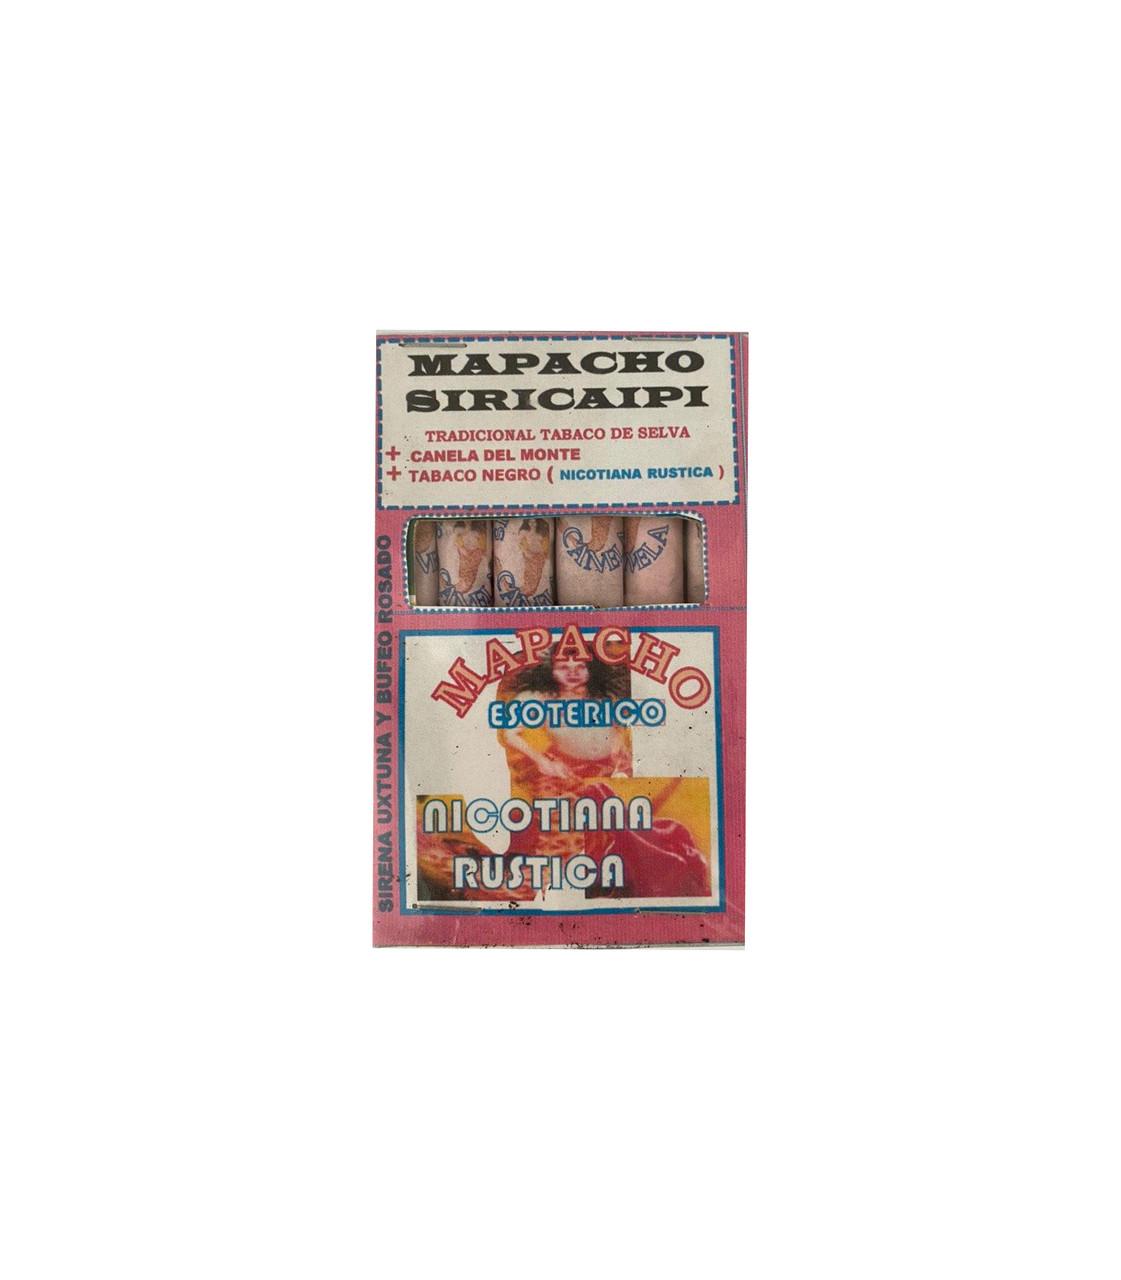 Сигареты мапачо купить доставка электронных сигарет оптом